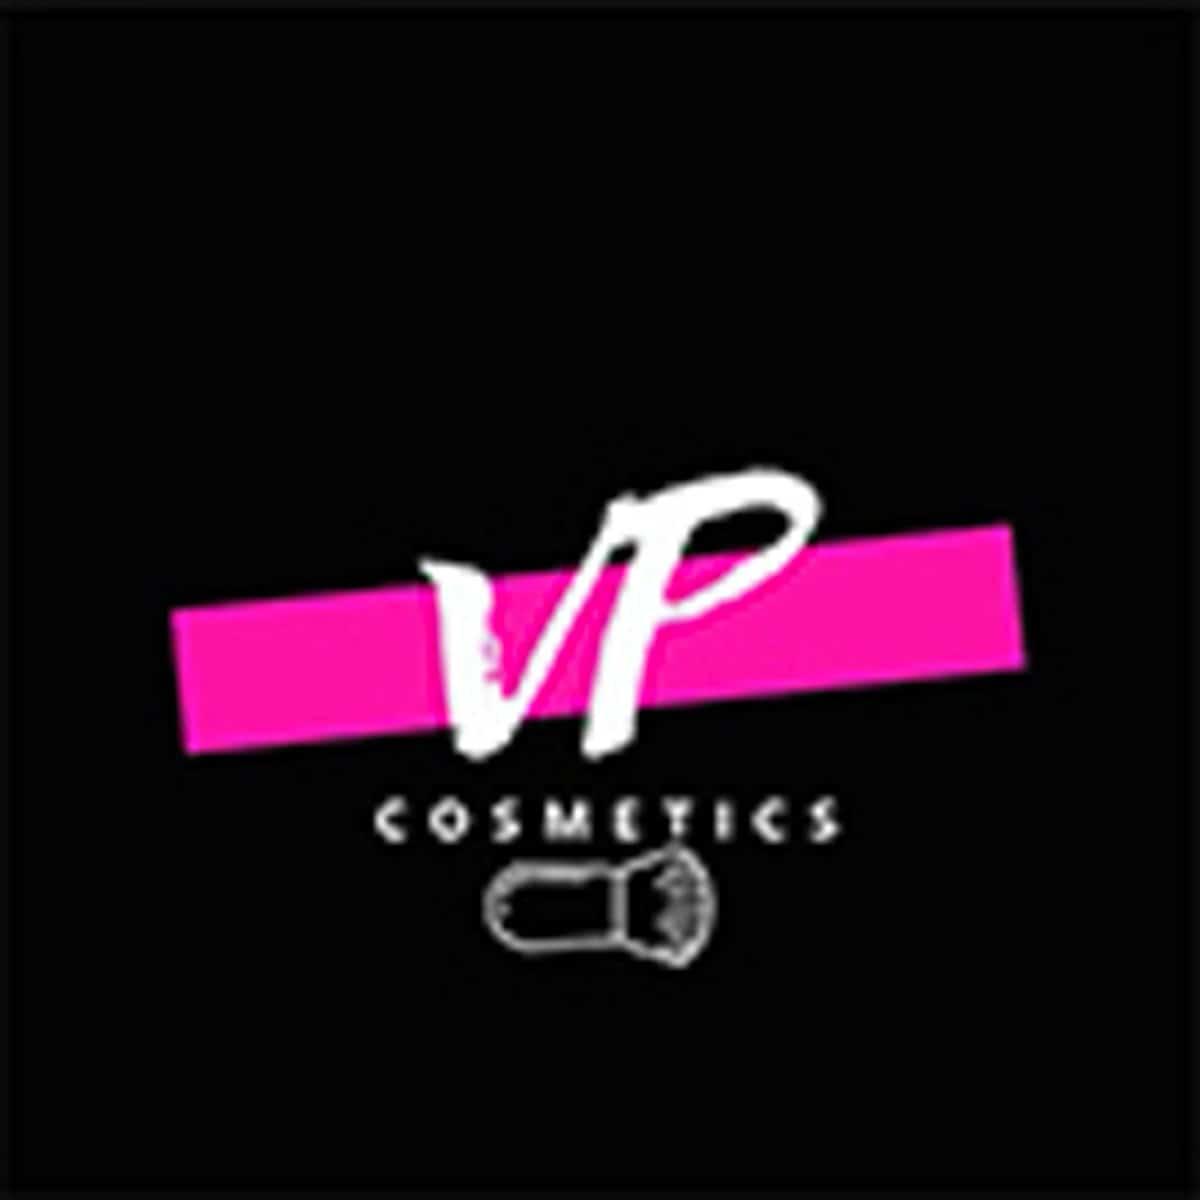 VP-Cosmetics